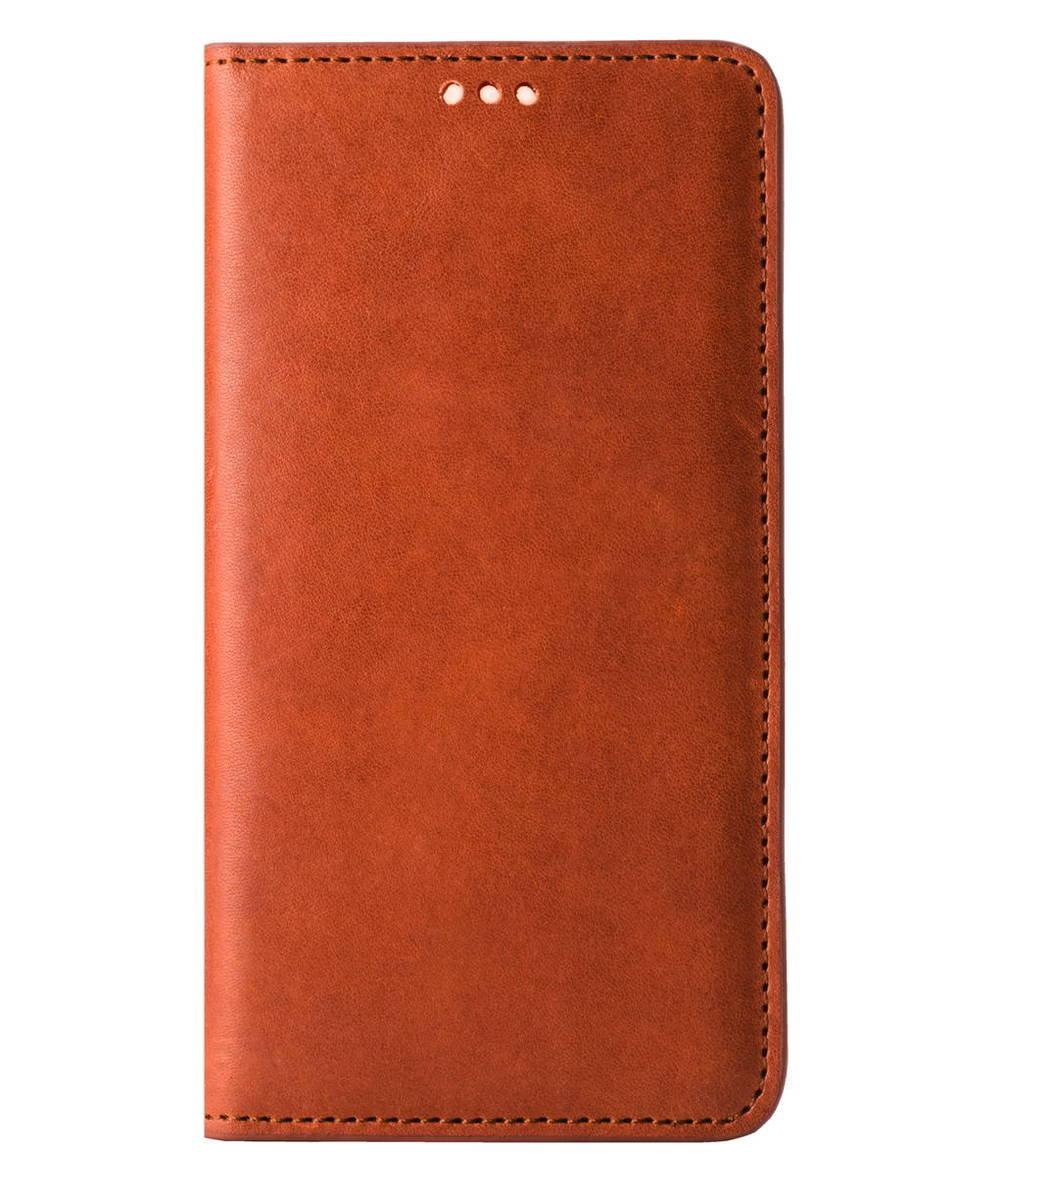 """iPhone 6 Plus/6S Plus (5.5"""") Herman Series 意大利真牛皮手機套 - 橙啡色"""